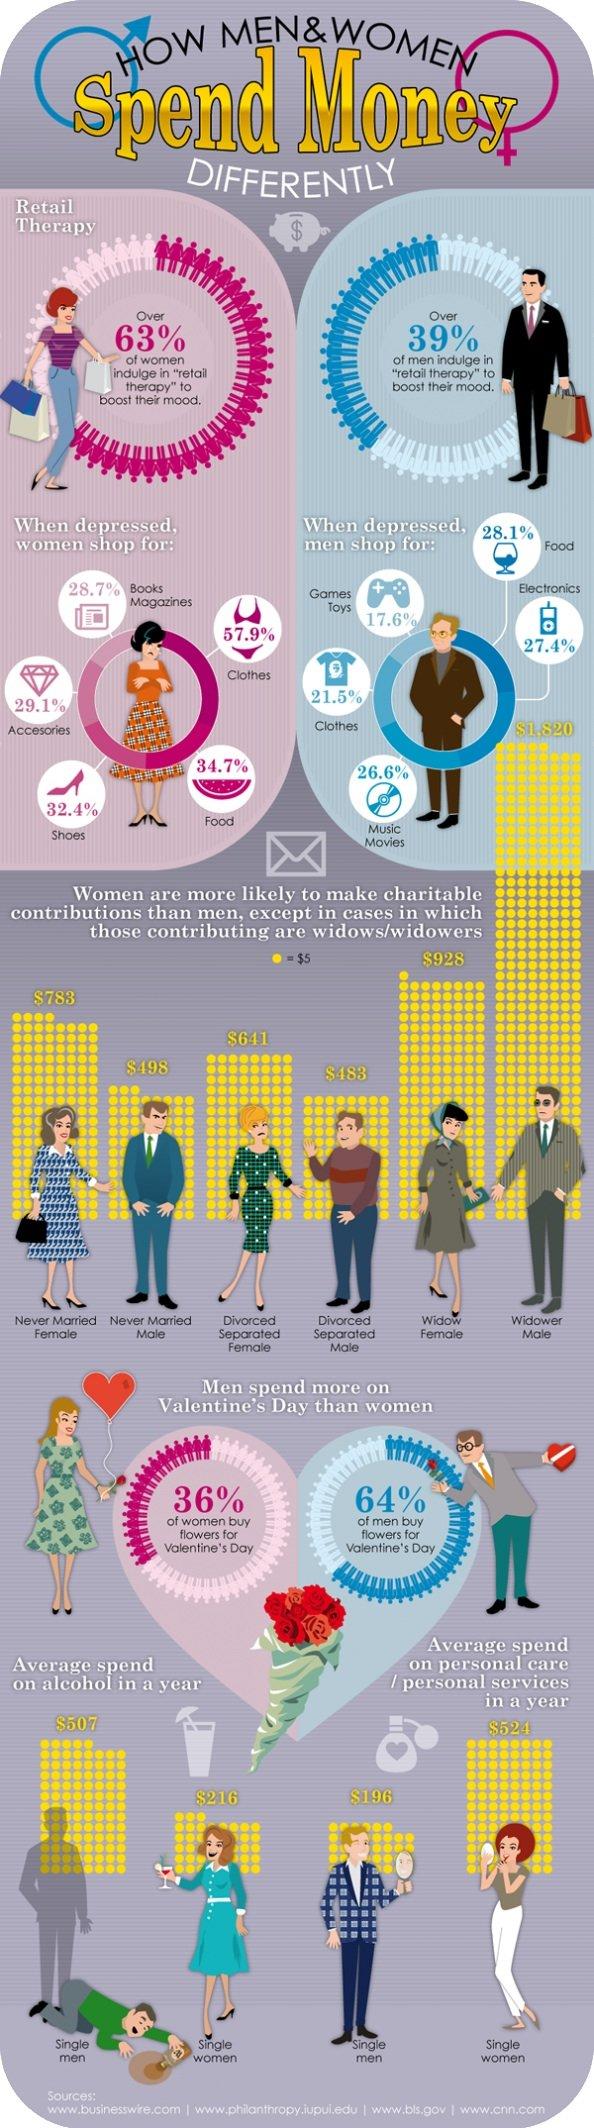 How men and women spend money